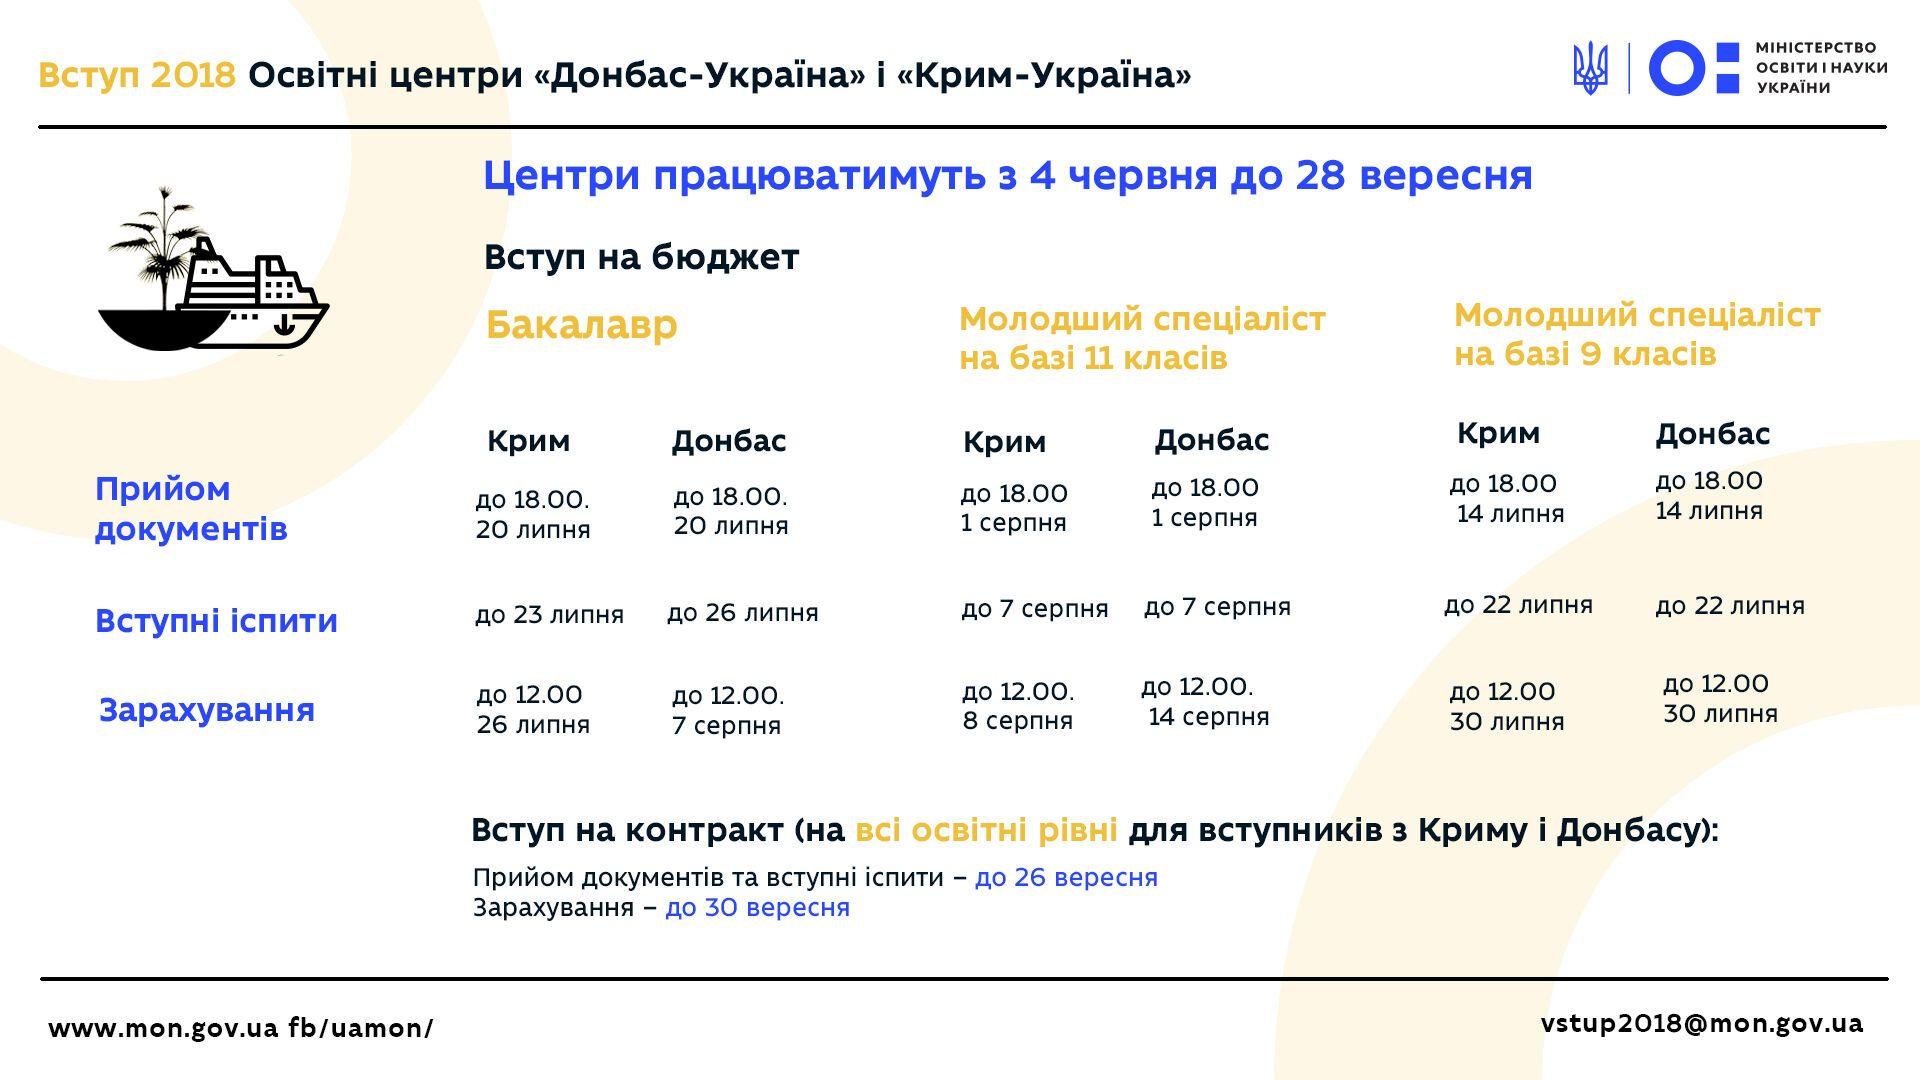 Как поступать абитуриентам из Крыма и Донбасса